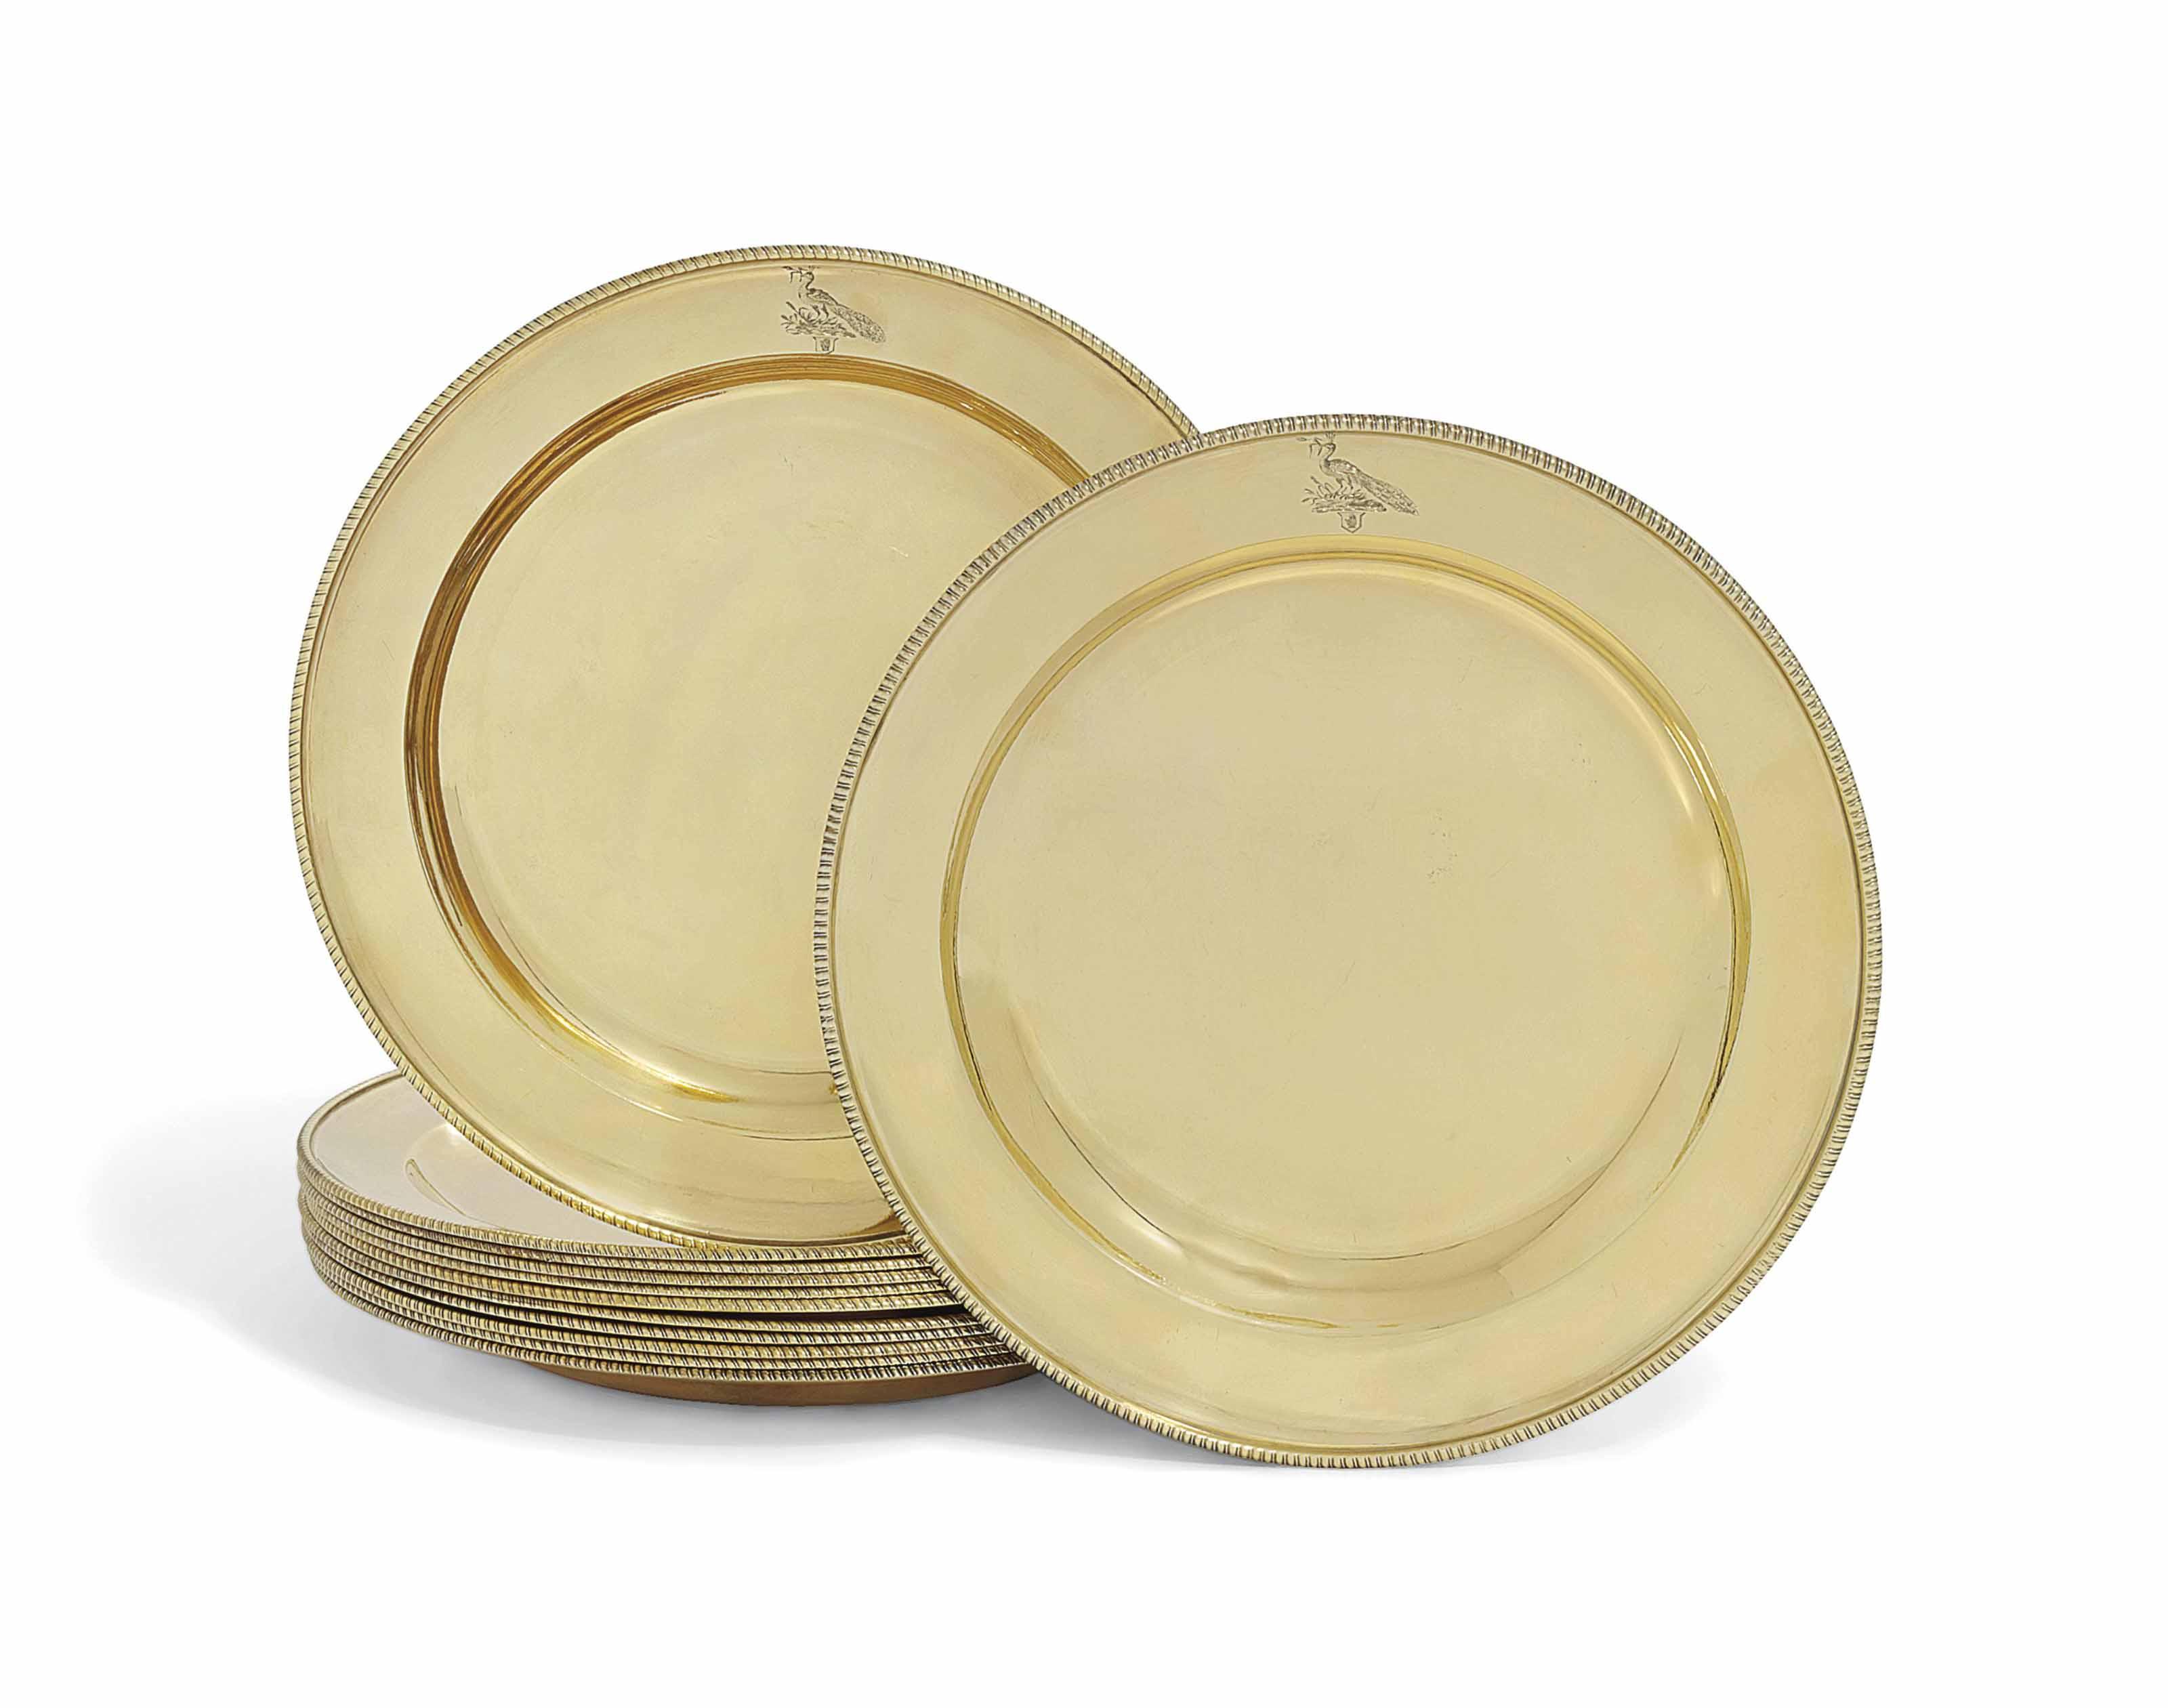 TWELVE GEORGE III SILVER-GILT DINNER-PLATES